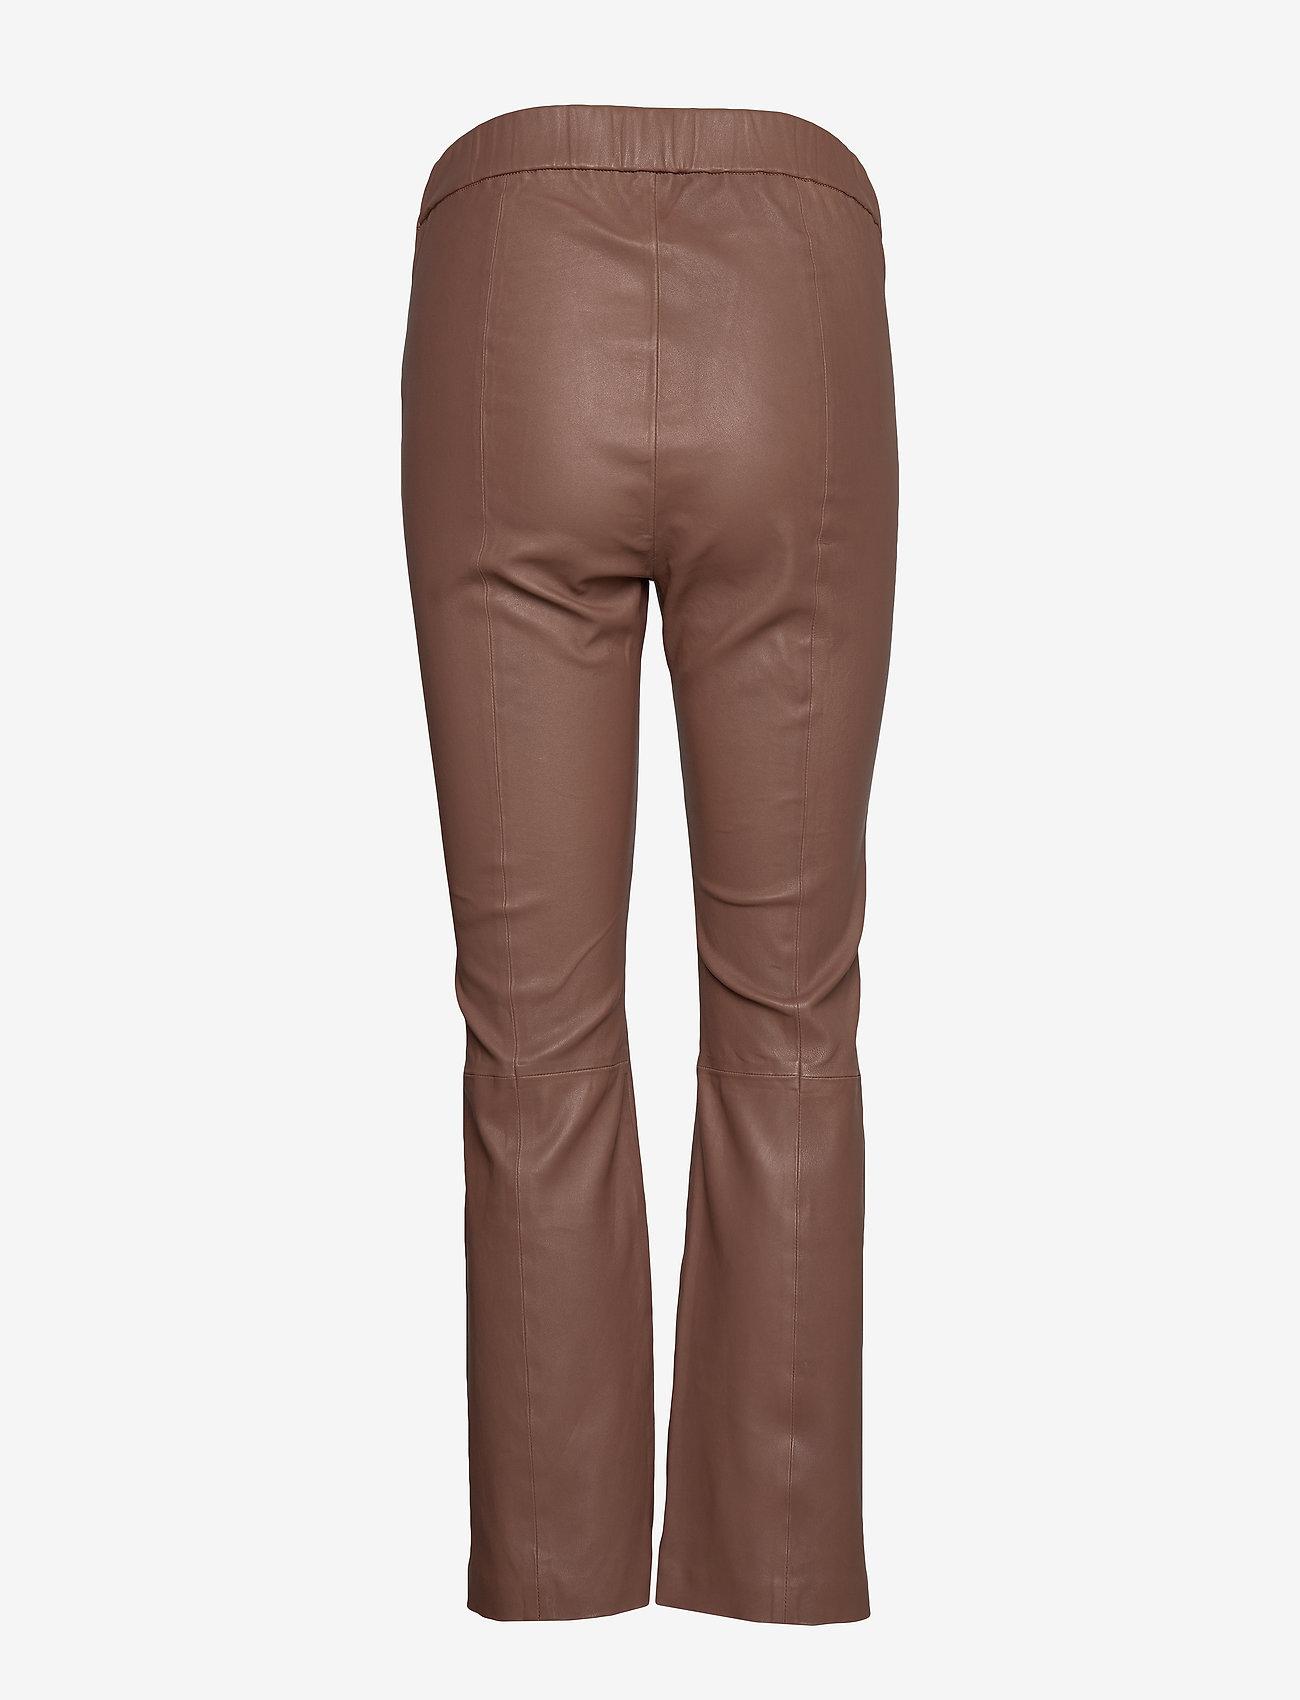 InWear Cedar Pant - Bukser CINNAMON - Dameklær Spesialtilbud